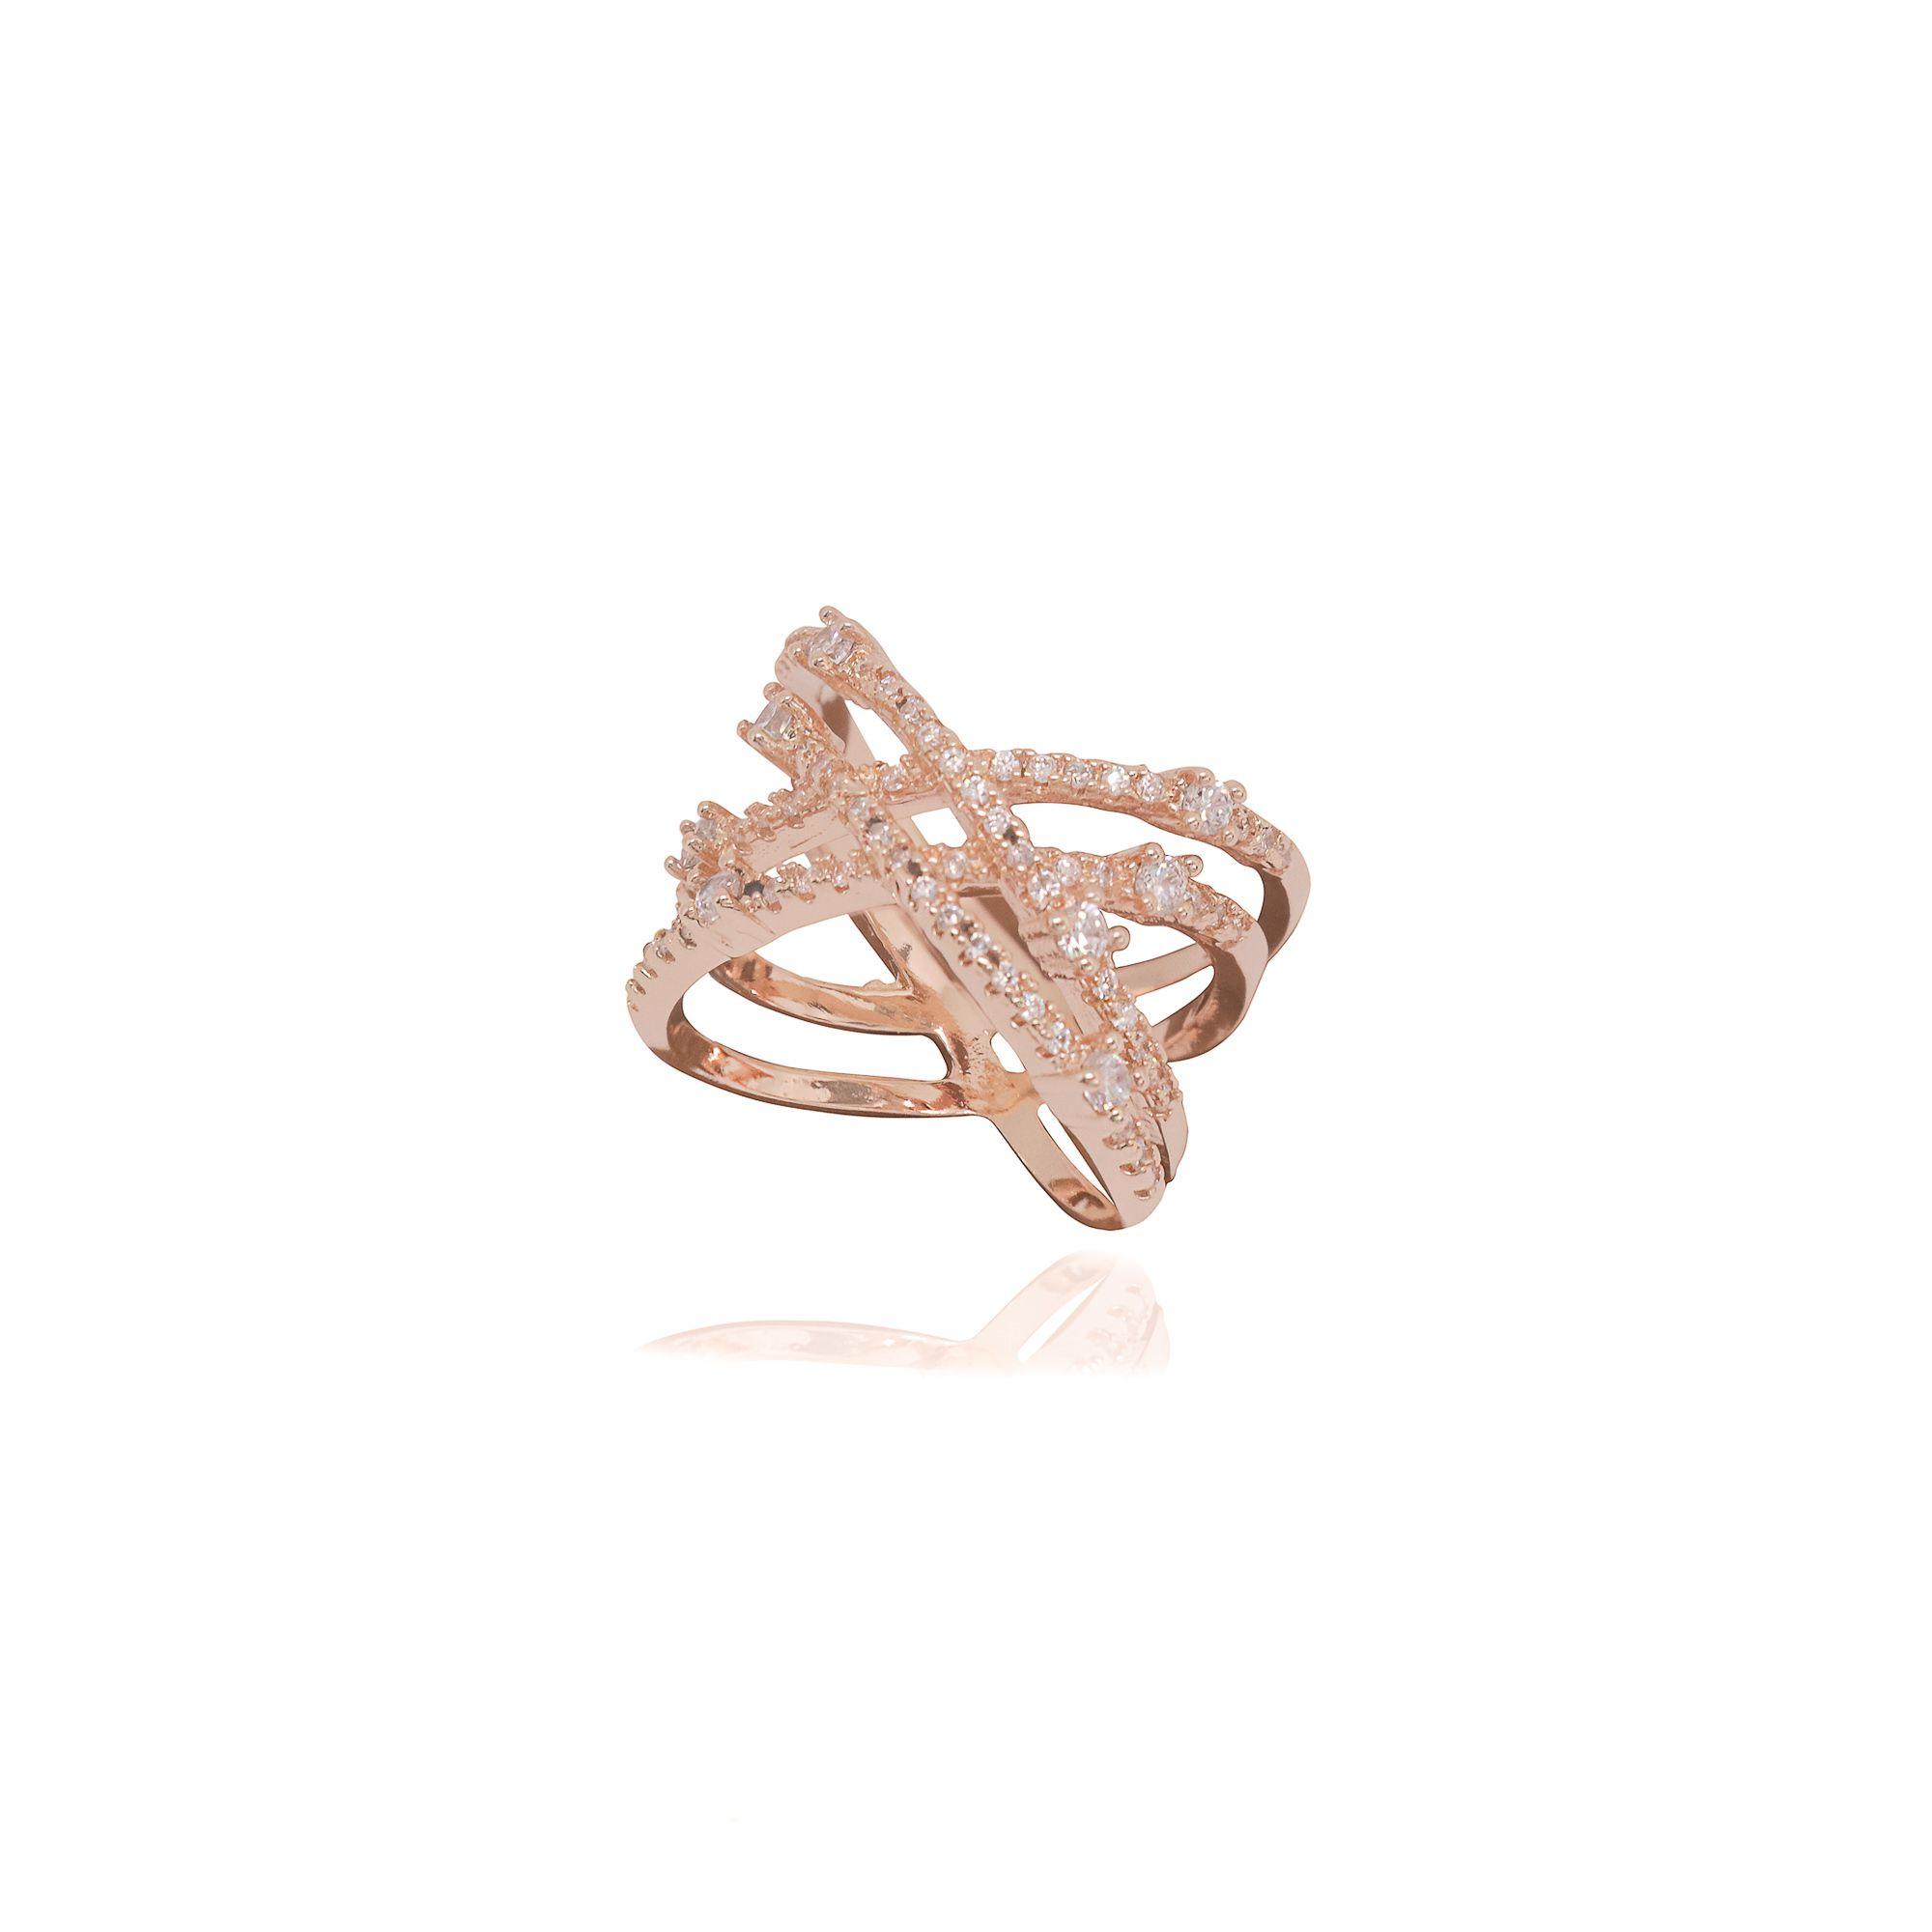 Anel Semi joia X duplo em zircônia e banhado a ouro 18k ou rhodium